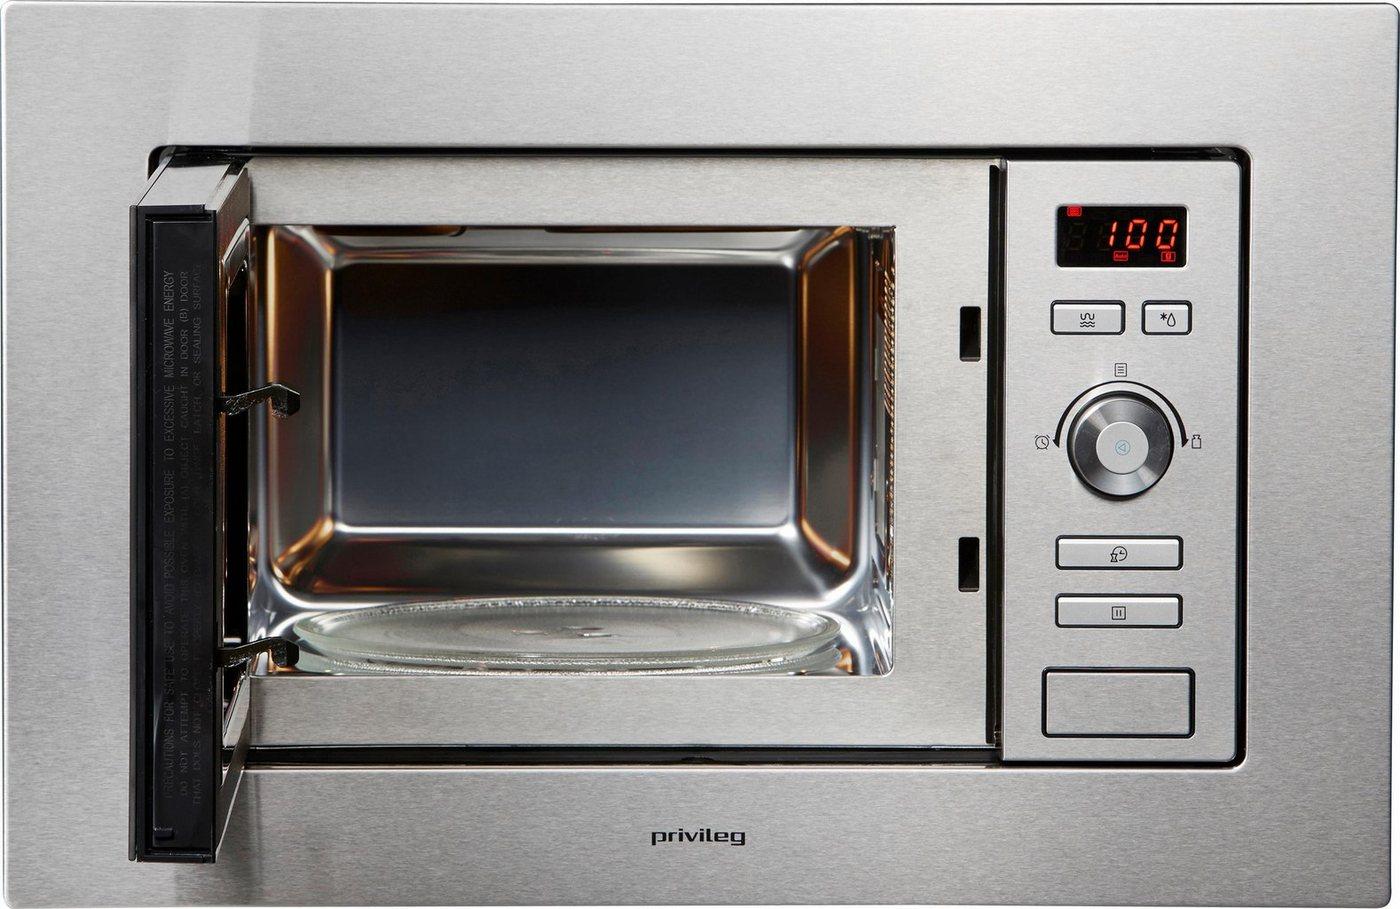 36 sparen privileg einbau mikrowelle nur 127 99 cherry m bel otto. Black Bedroom Furniture Sets. Home Design Ideas